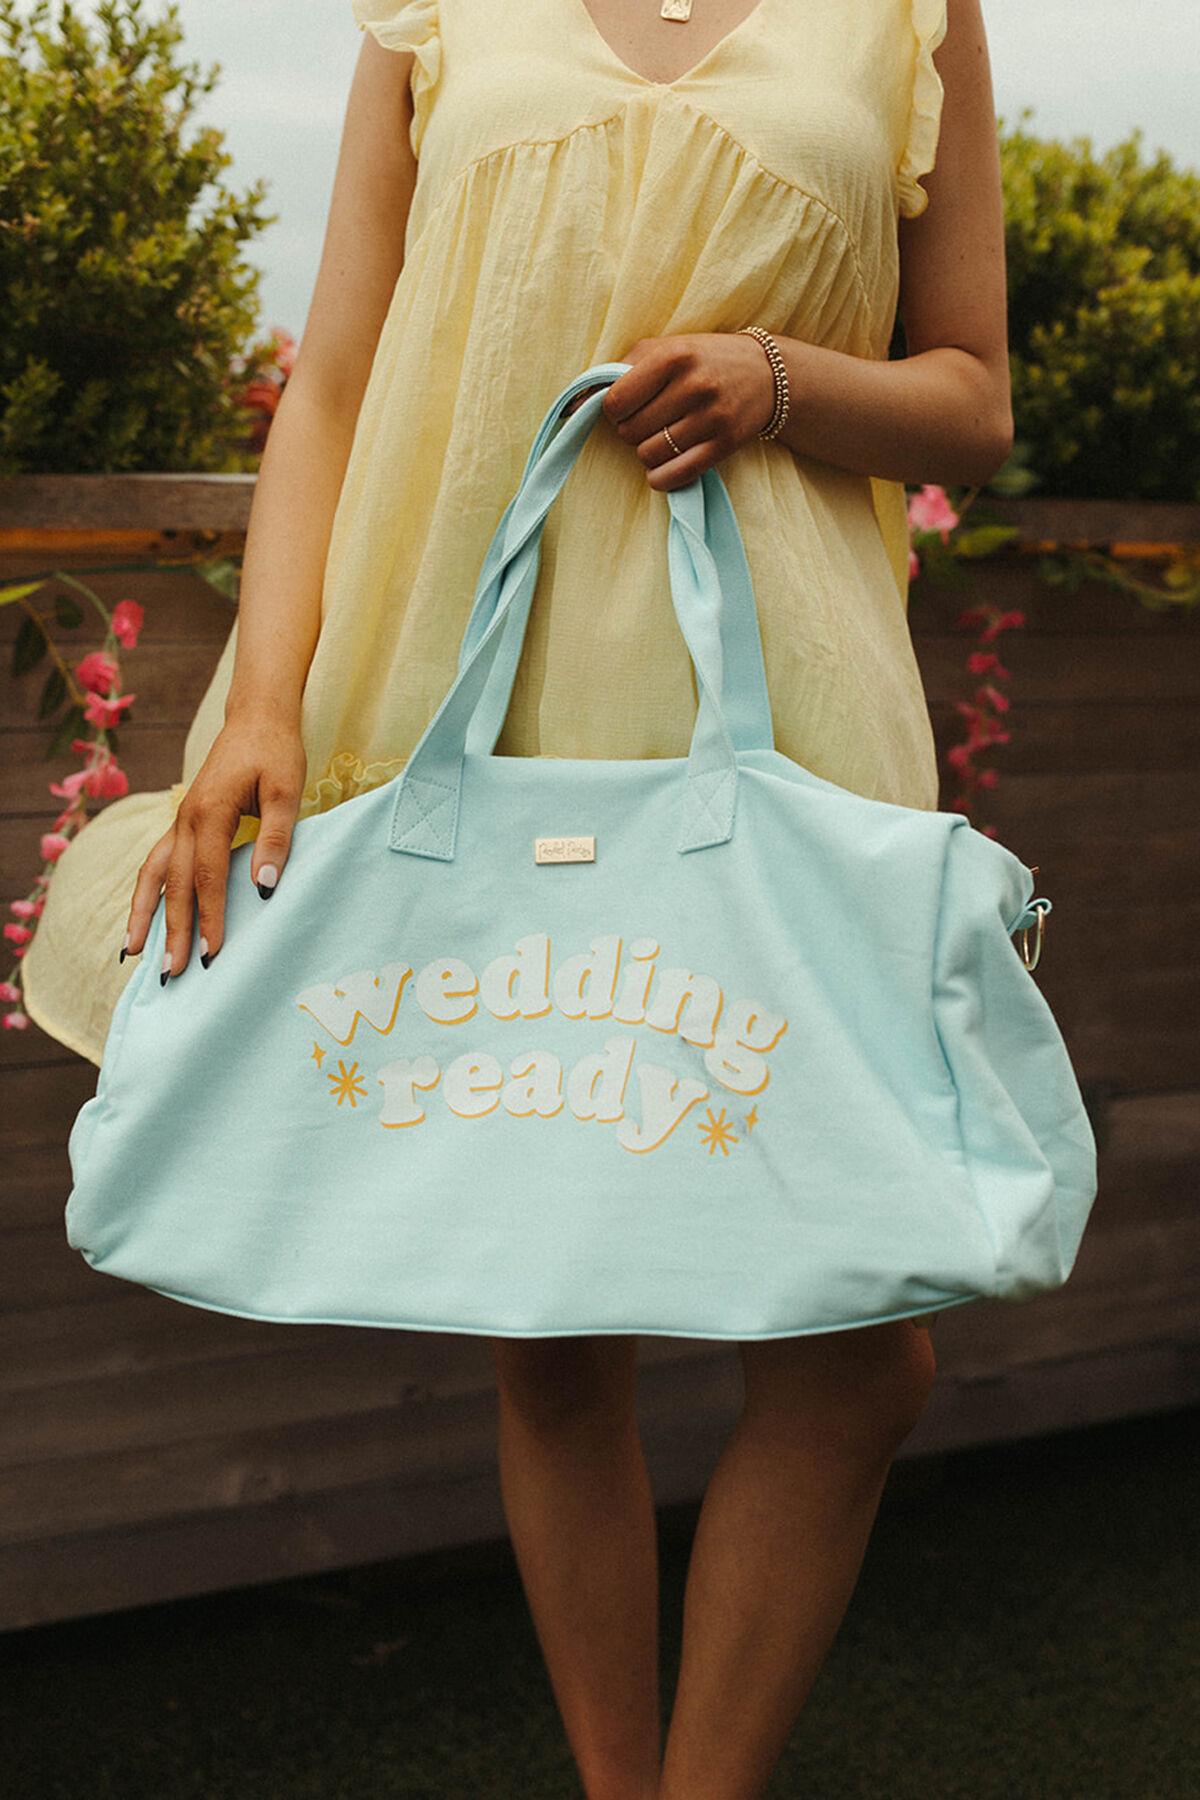 WEDDING READY DUFFEL BAG